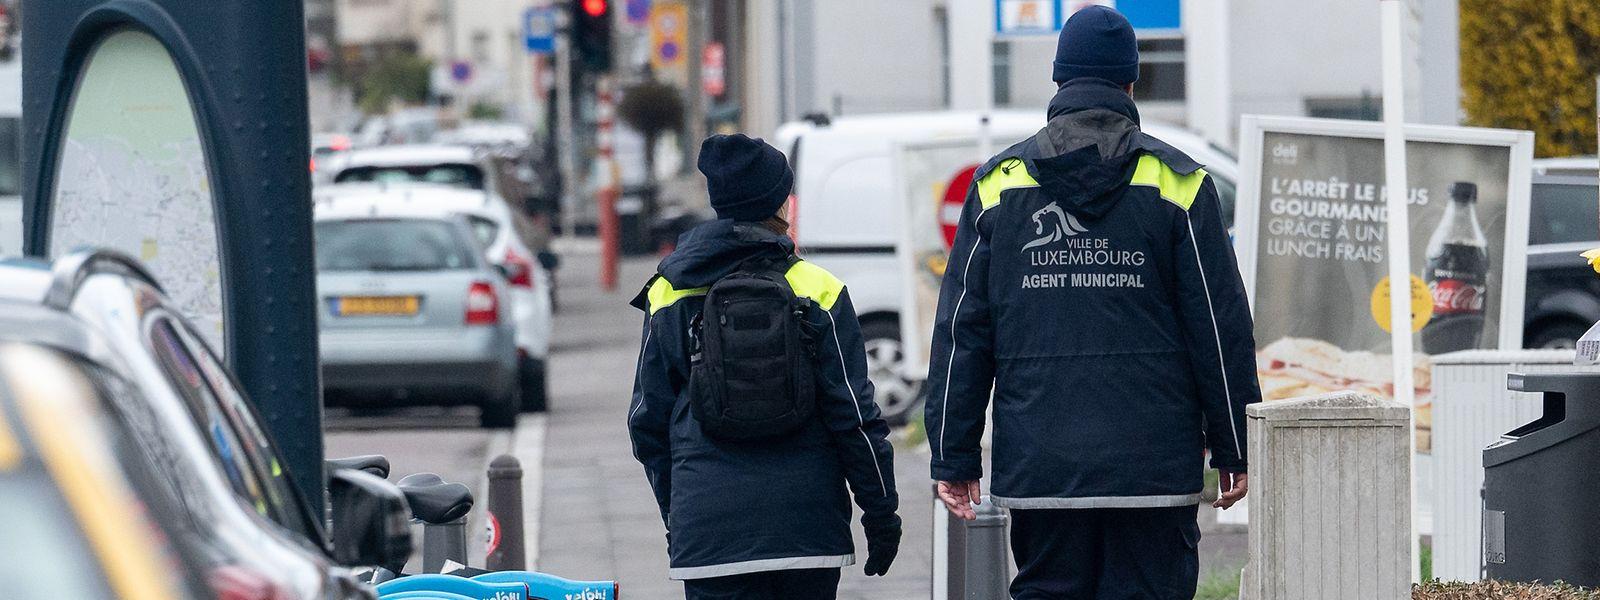 Die bisherigen Kompetenzen der Agents municipaux sollen um die Verfolgung von Ordnungswidrigkeiten, die nicht direkt den Einsatz der Polizei erfordern, erweitert werden.